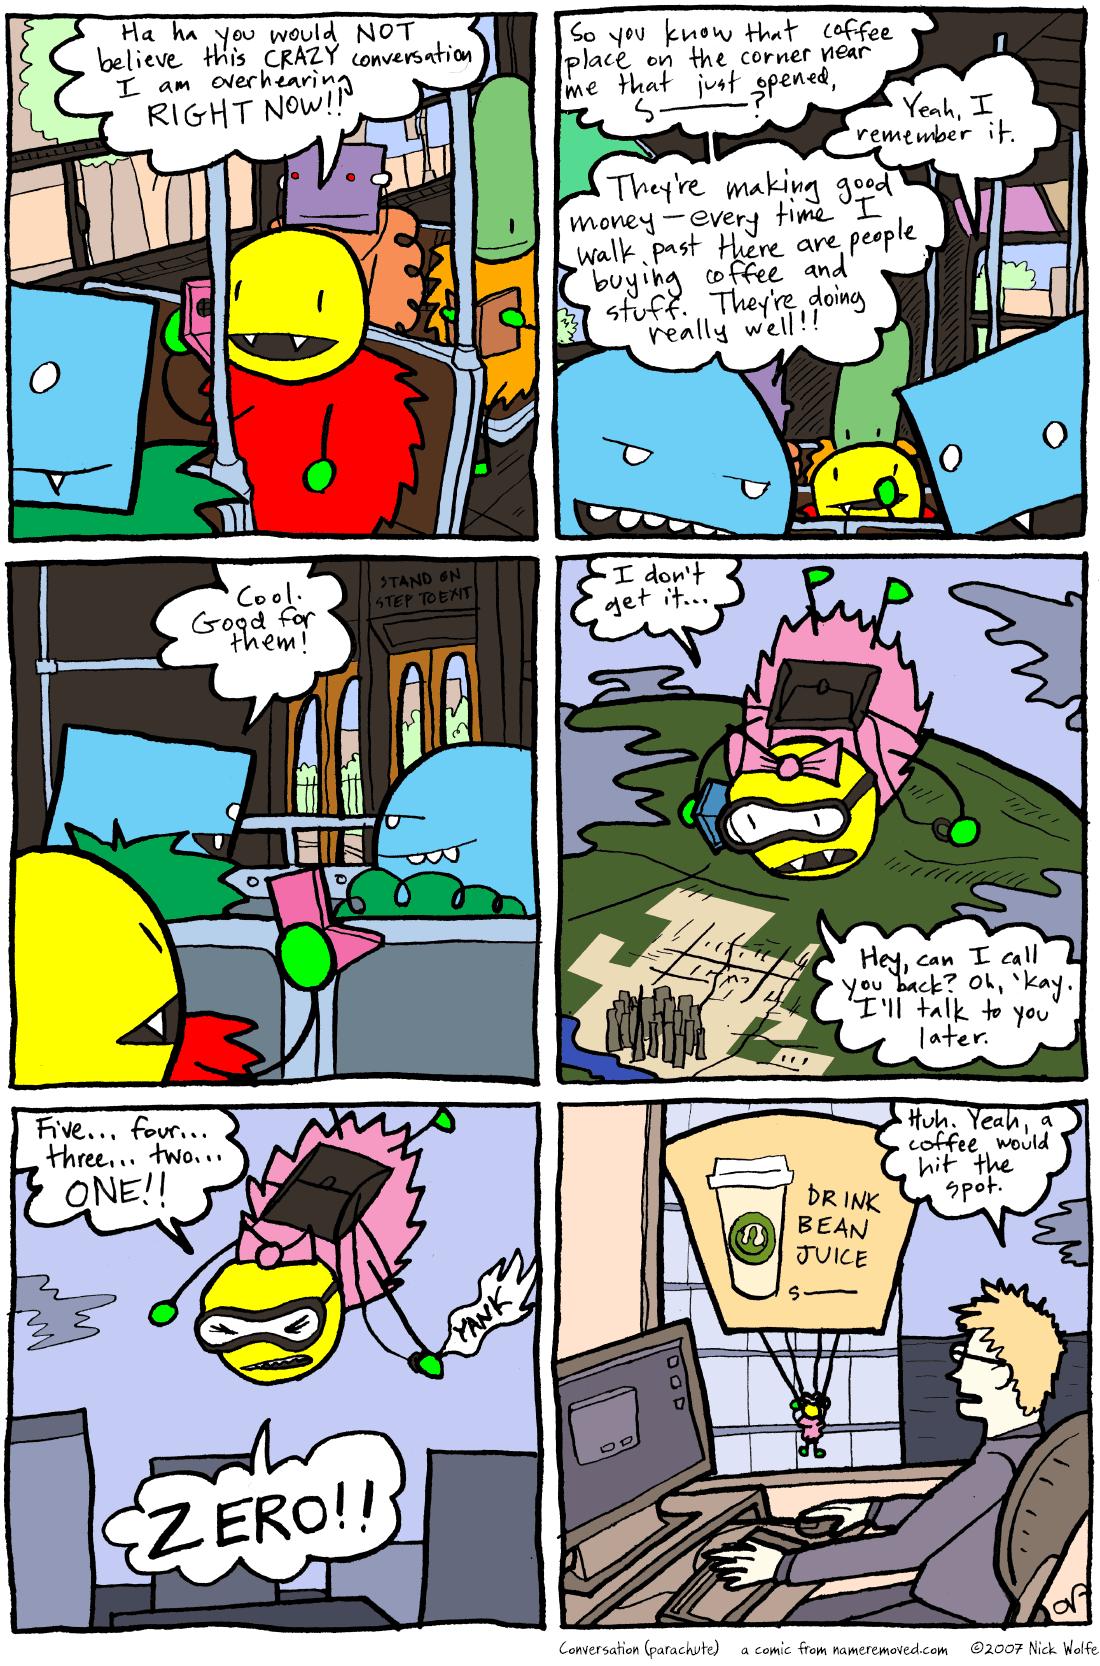 Conversation (parachute)